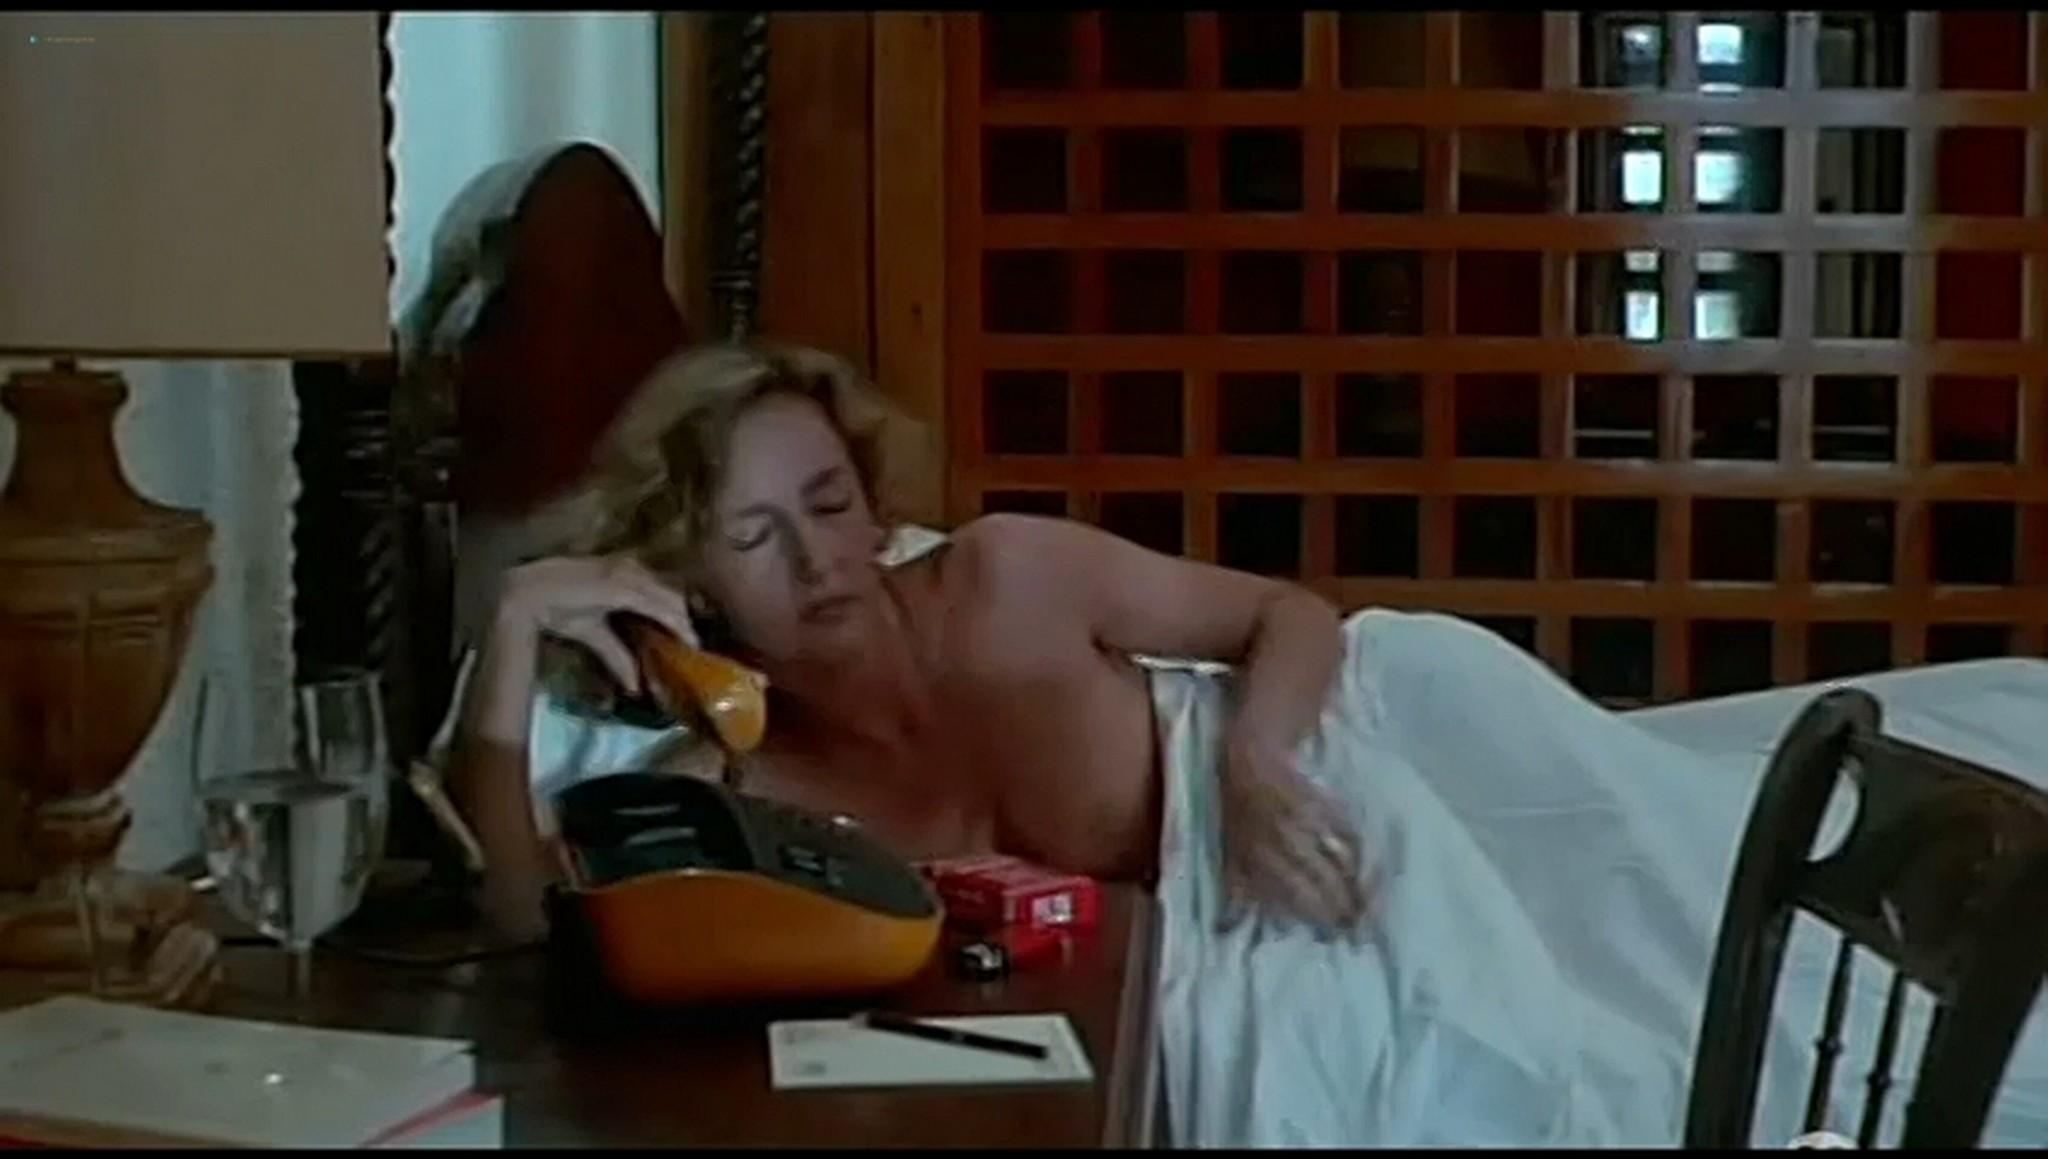 Valerie Kaprisky nude full frontal Caroline Cellier and others nude L annee des meduses 1984 7